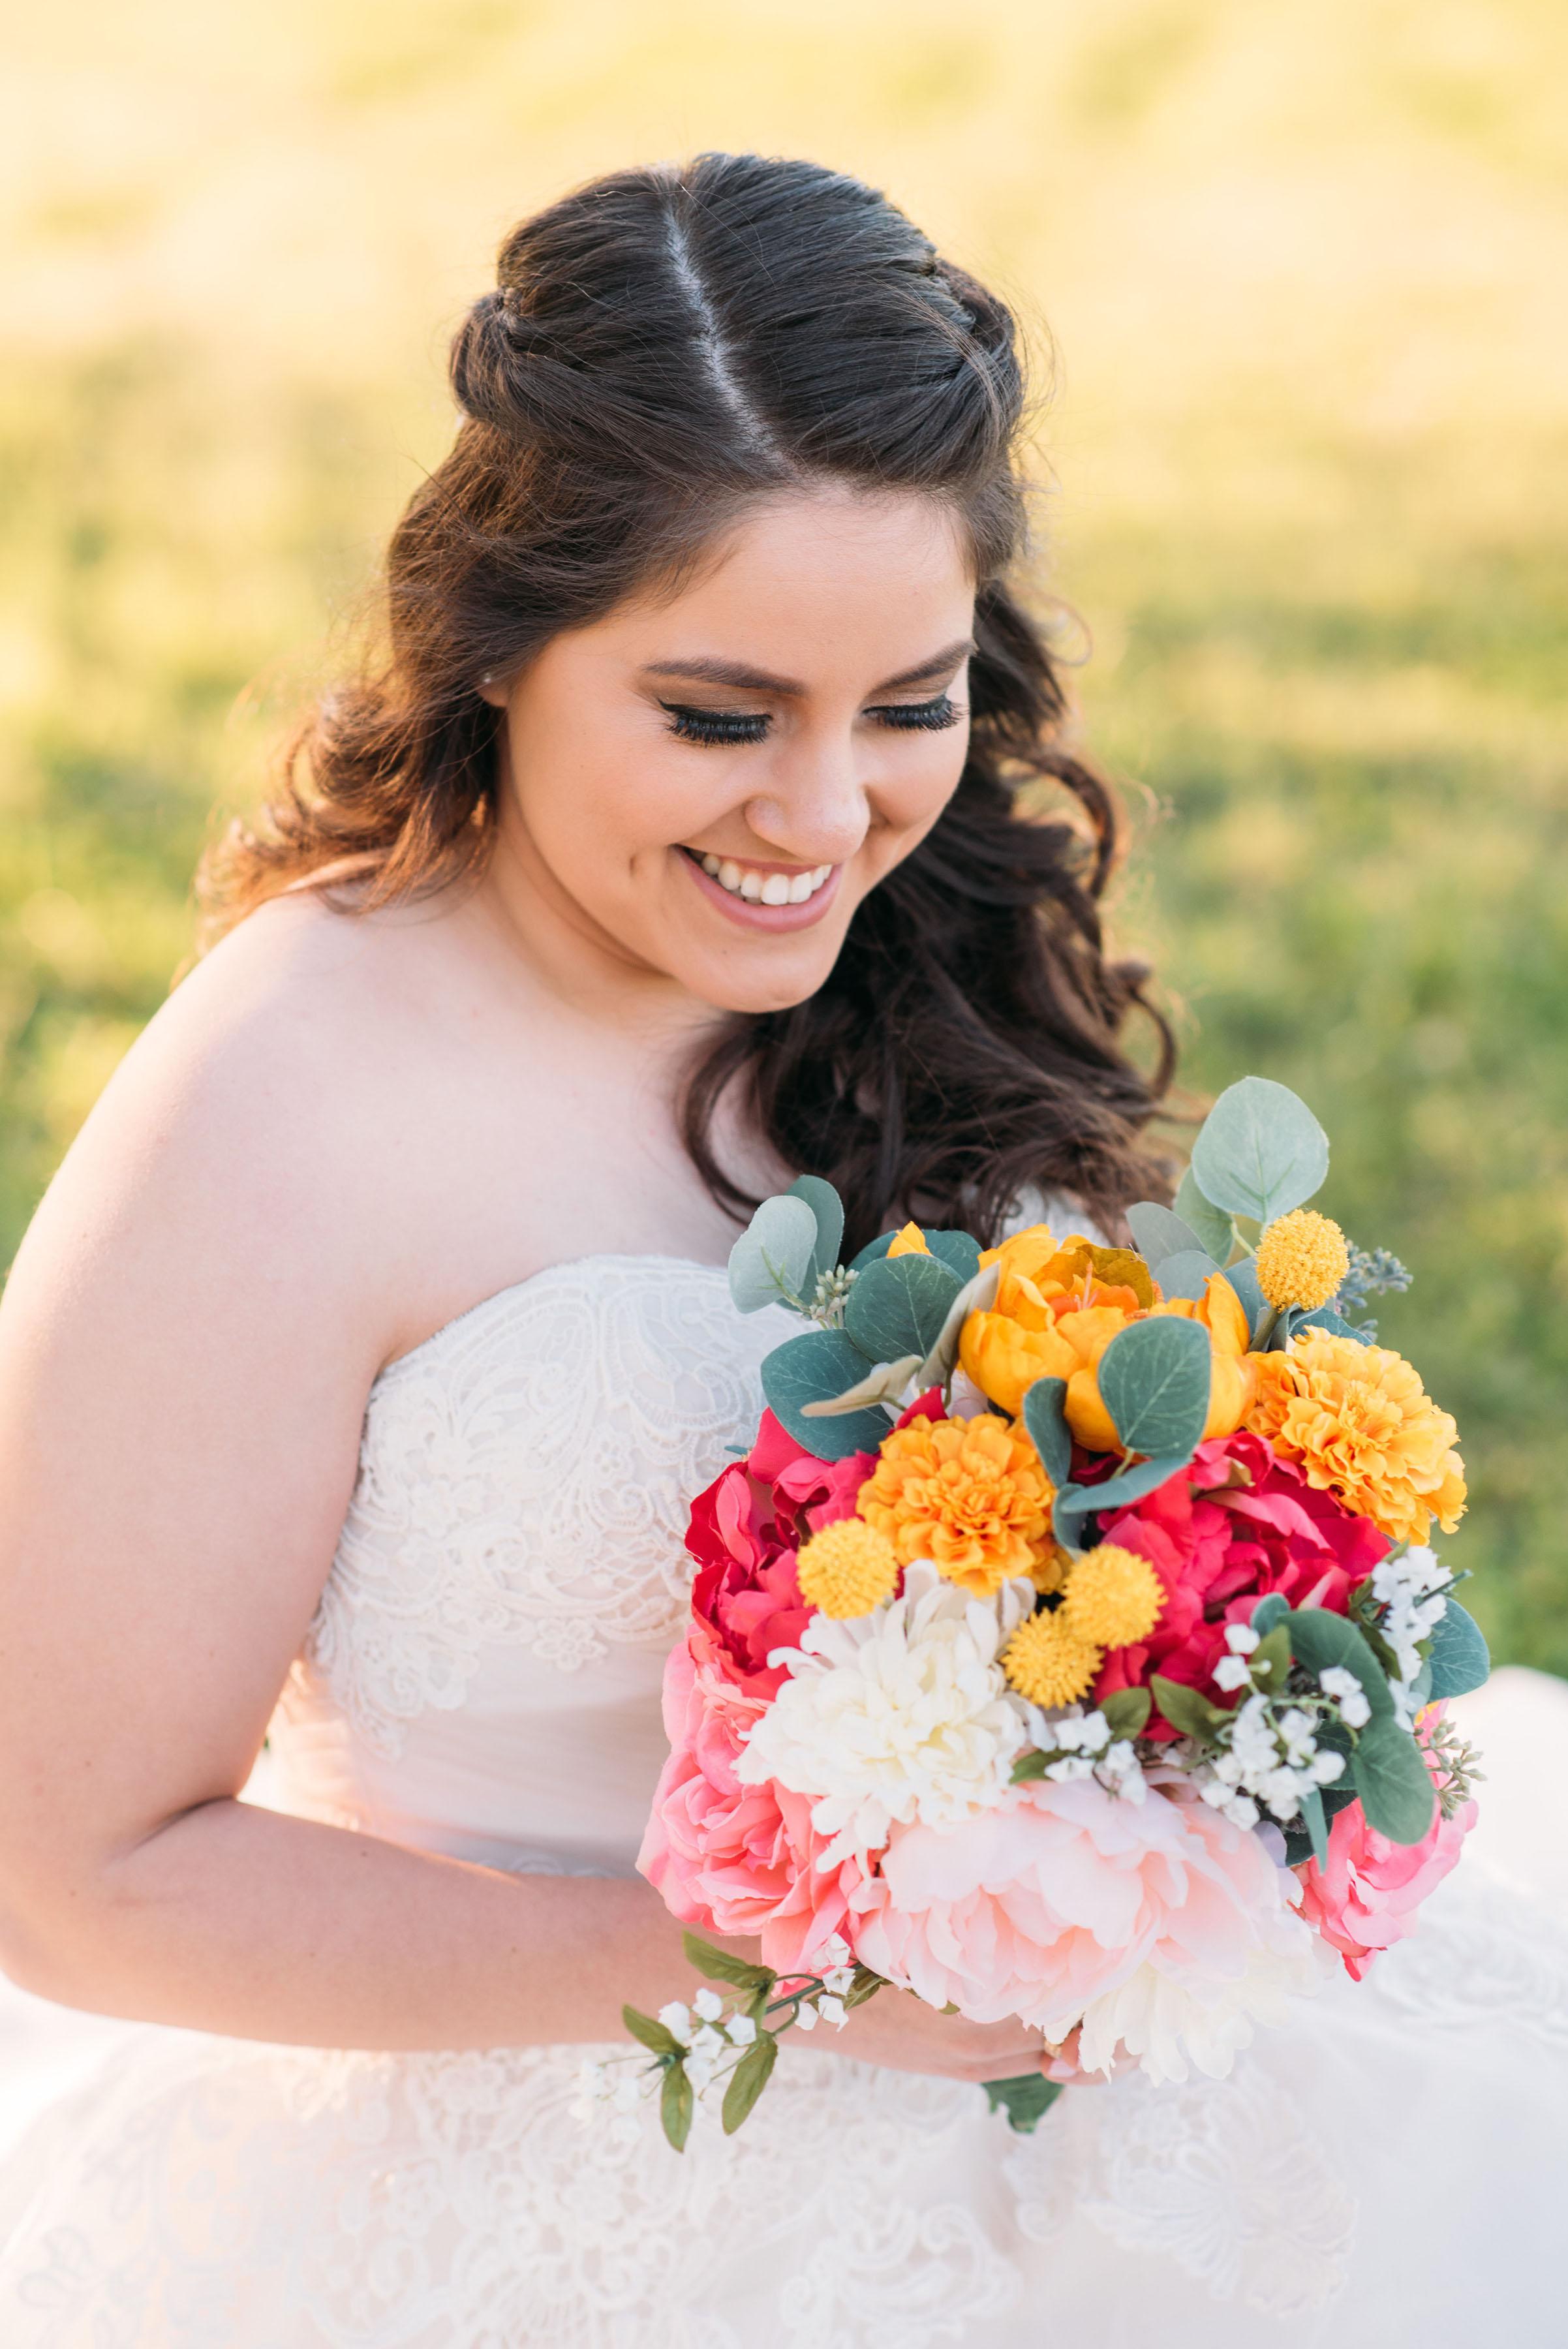 Melissa-Bridals-Aggie-Bride-MooreRanch-09.jpg